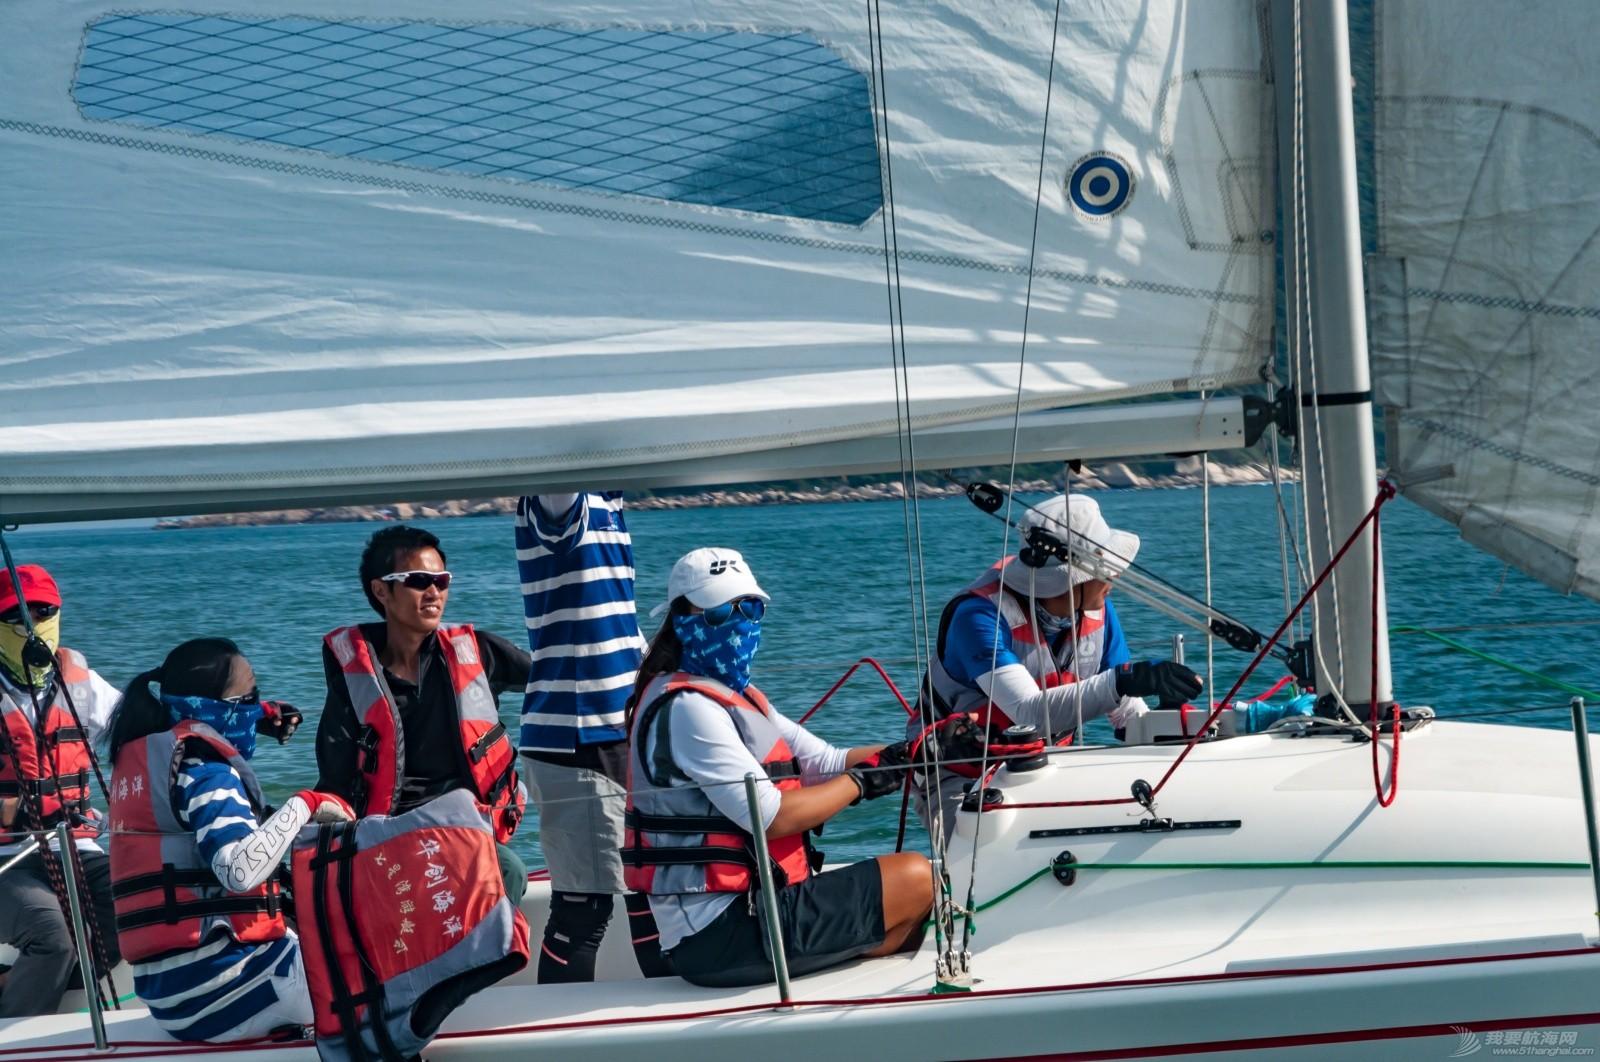 【2015大鹏杯帆船赛】51航海网船队在比赛中 s007.jpg